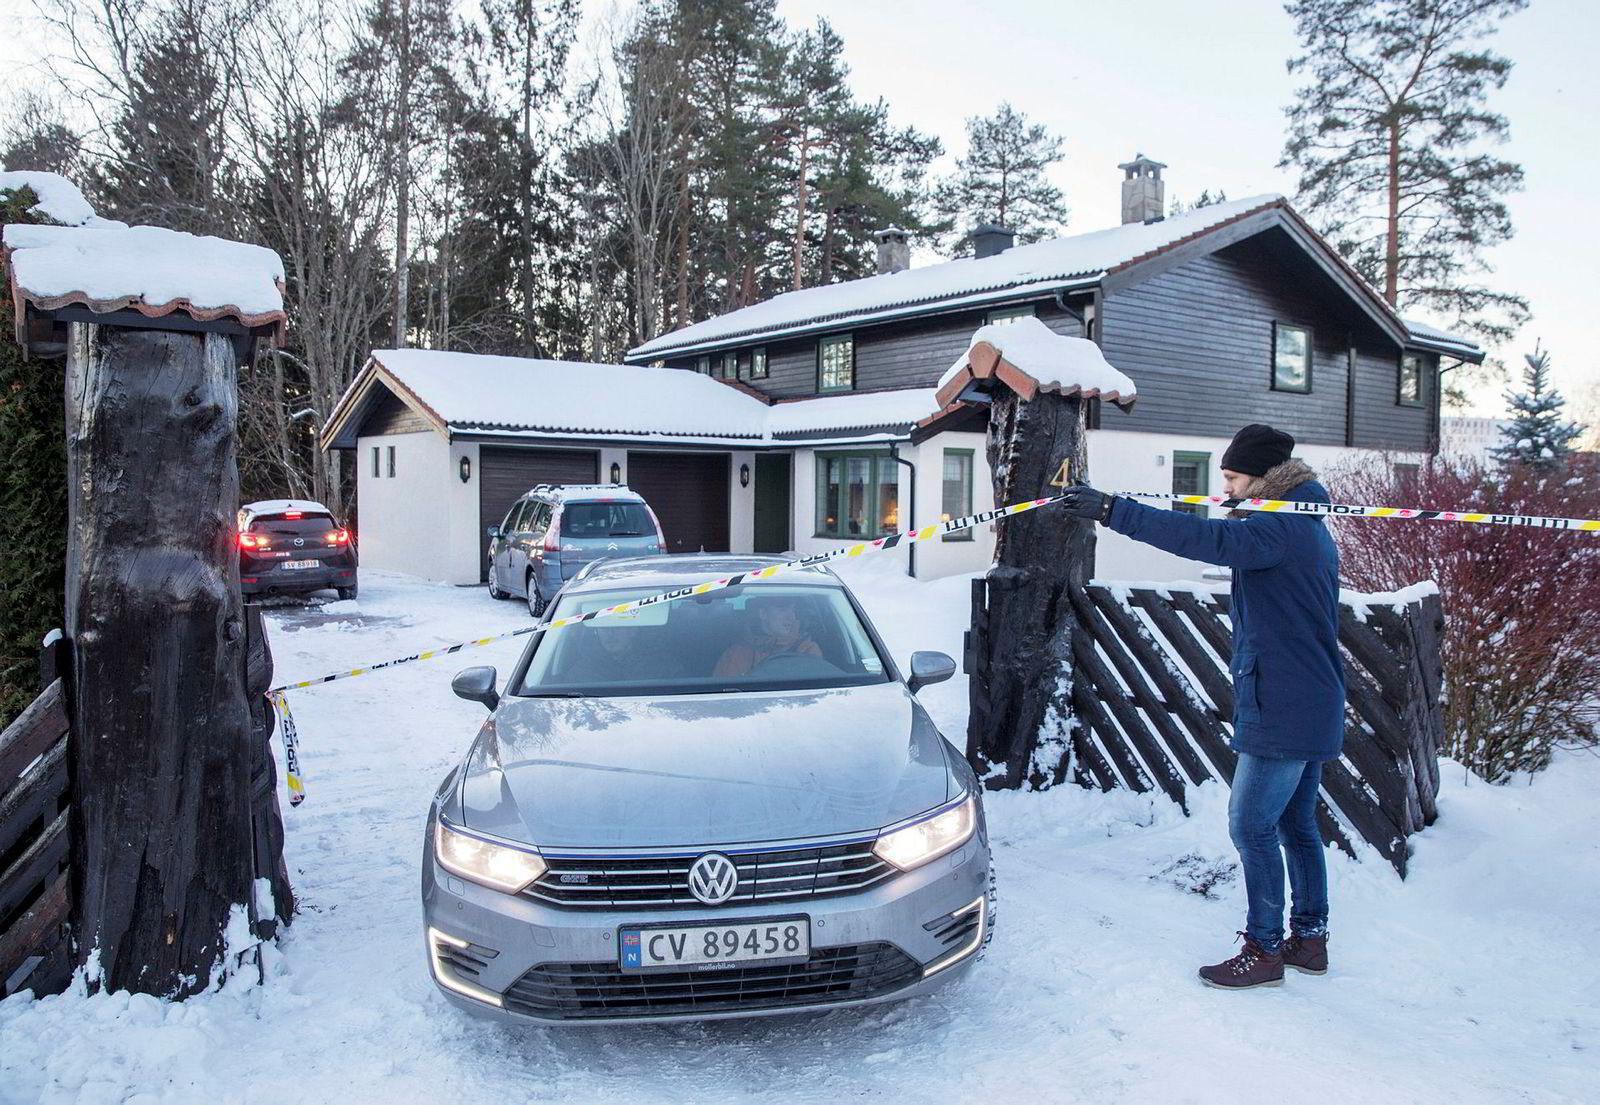 Anne-Elisabeth Falkevik Hagen, kona til Tom Hagen som er en av Norges rikeste, har vært borte i ti uker. Onsdag var politiet på plass i boligen der hun sist ble sett.